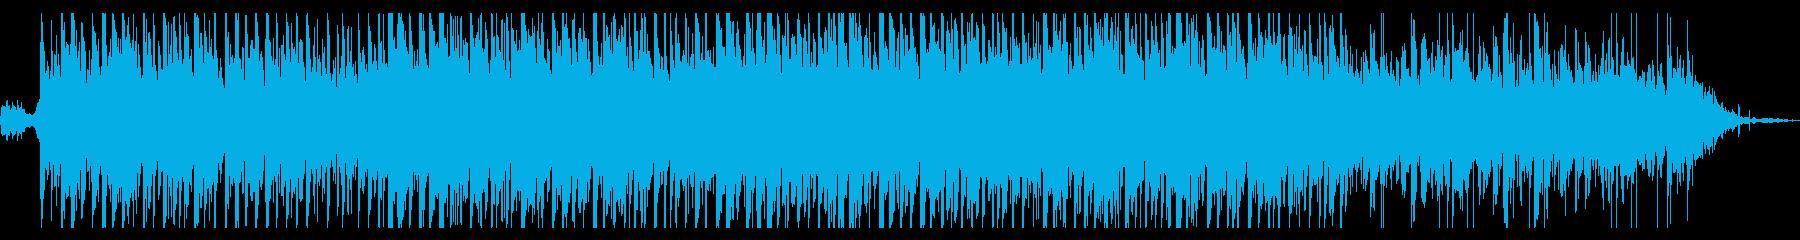 過去を想起させるLo-Fi Beatsの再生済みの波形